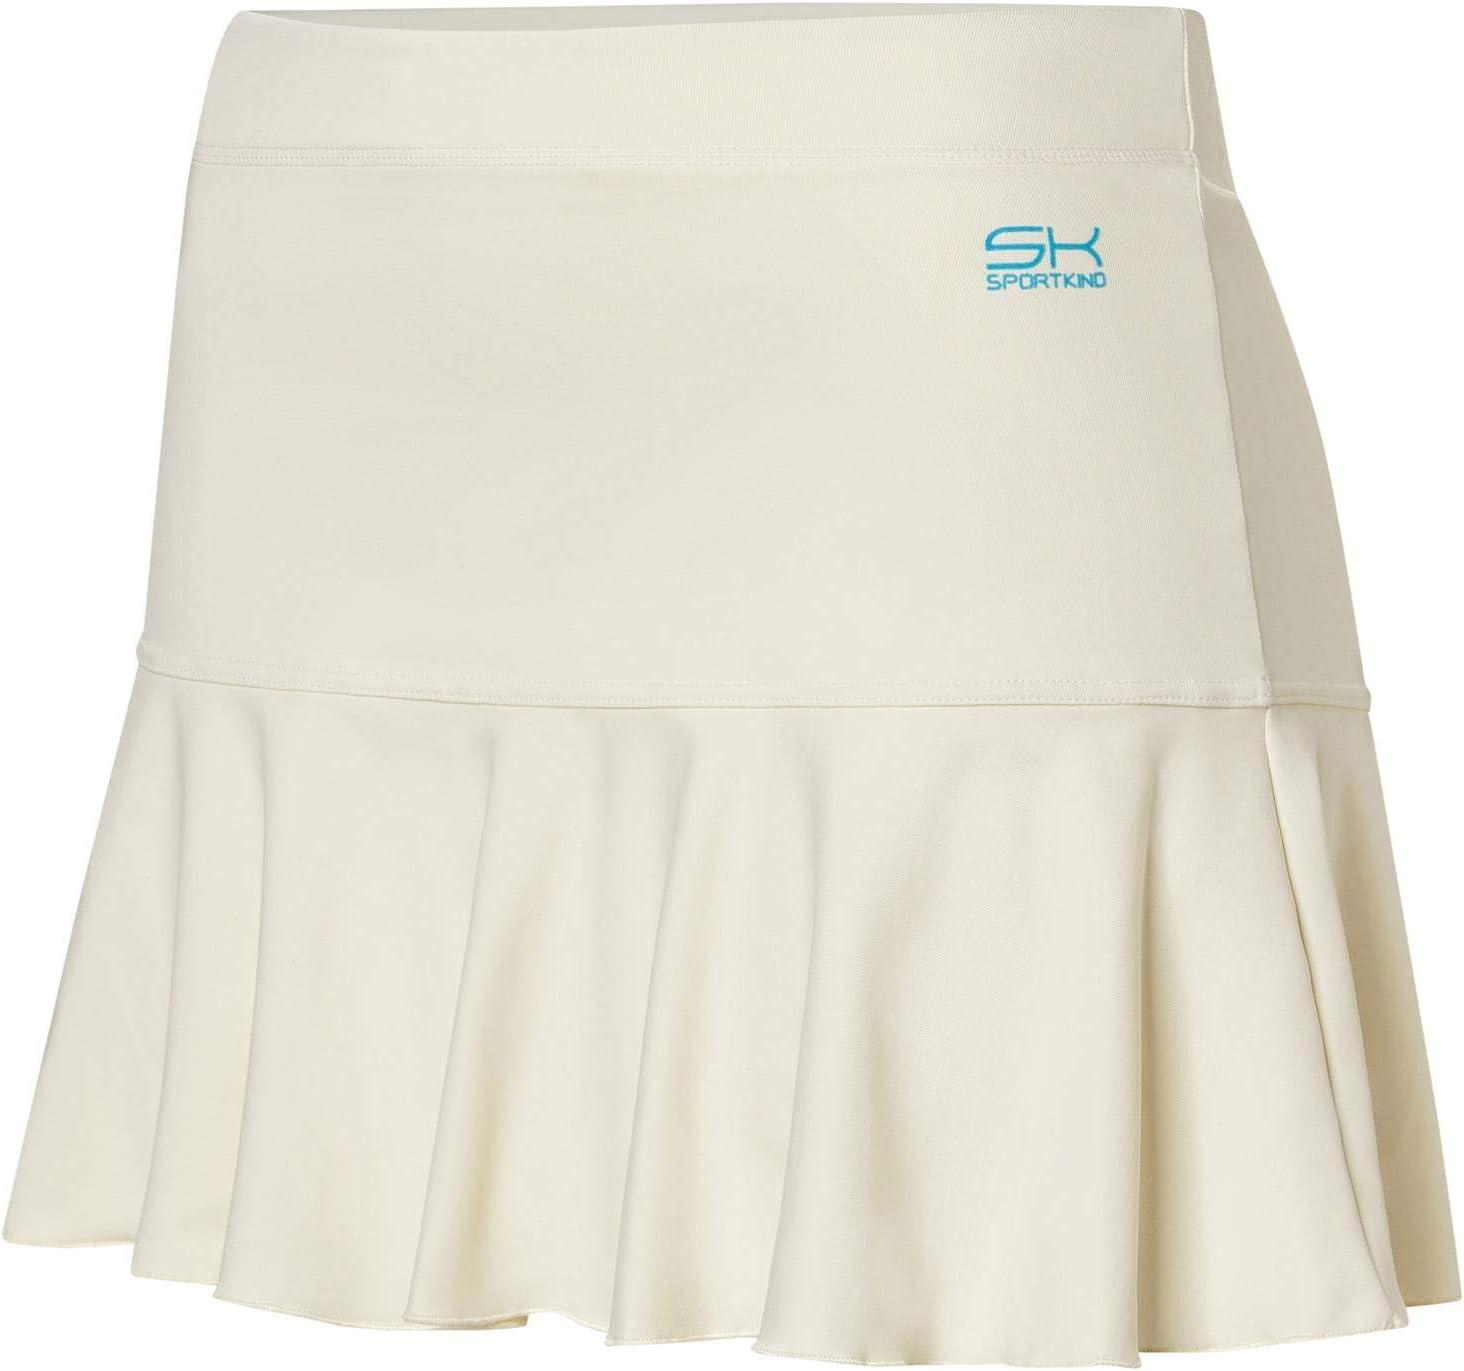 Sportkind Jupe de tennis cloche pour fille et femme avec pantalon intérieur Blanc Crème/Vanille.